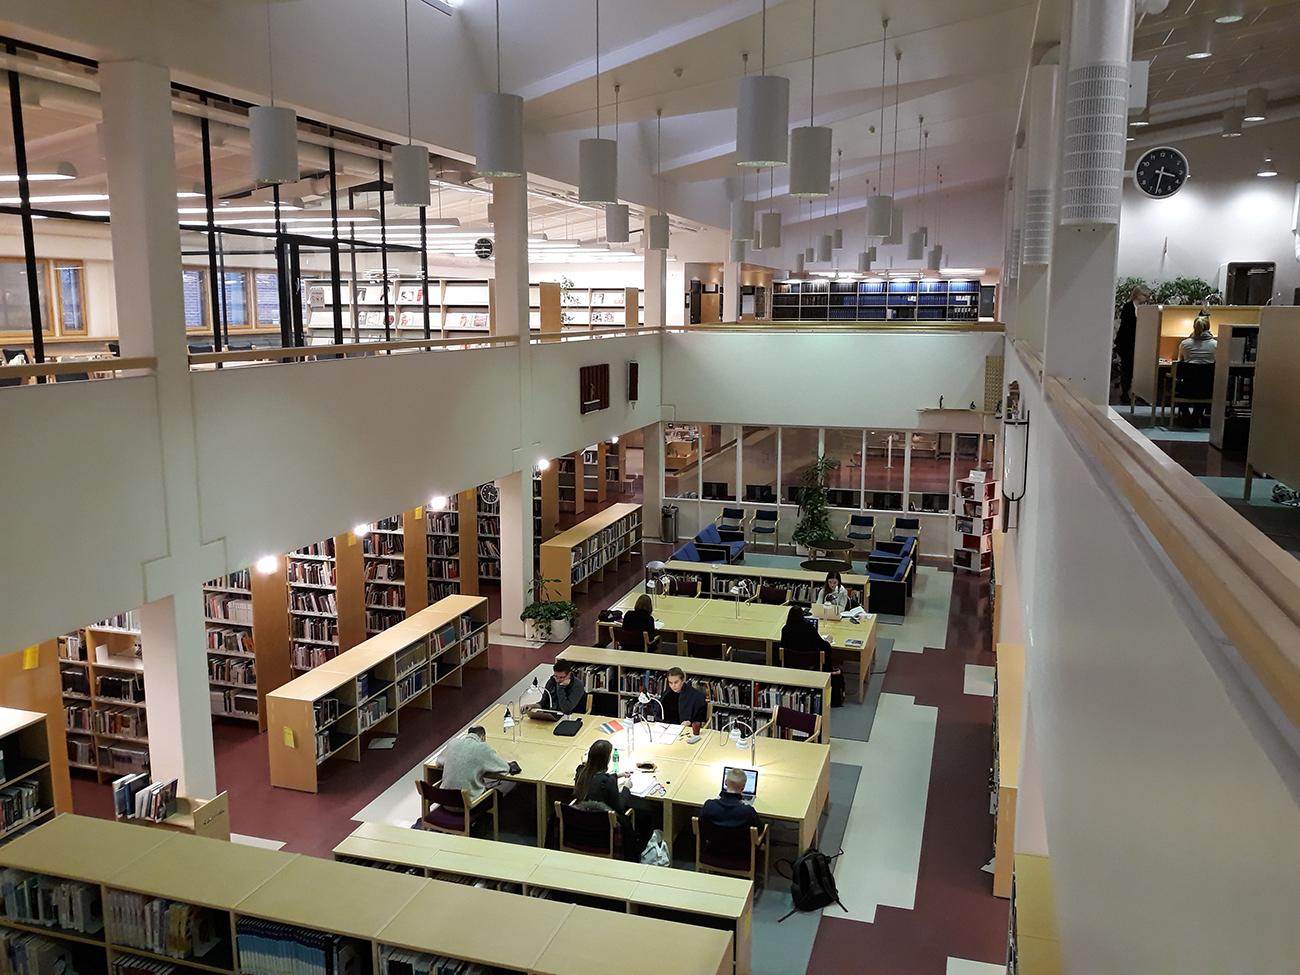 Juuri käyttöön vihitty Lapin AMK:n ja Lapin yliopiston yhteinen kirjasto Rovaniemellä.